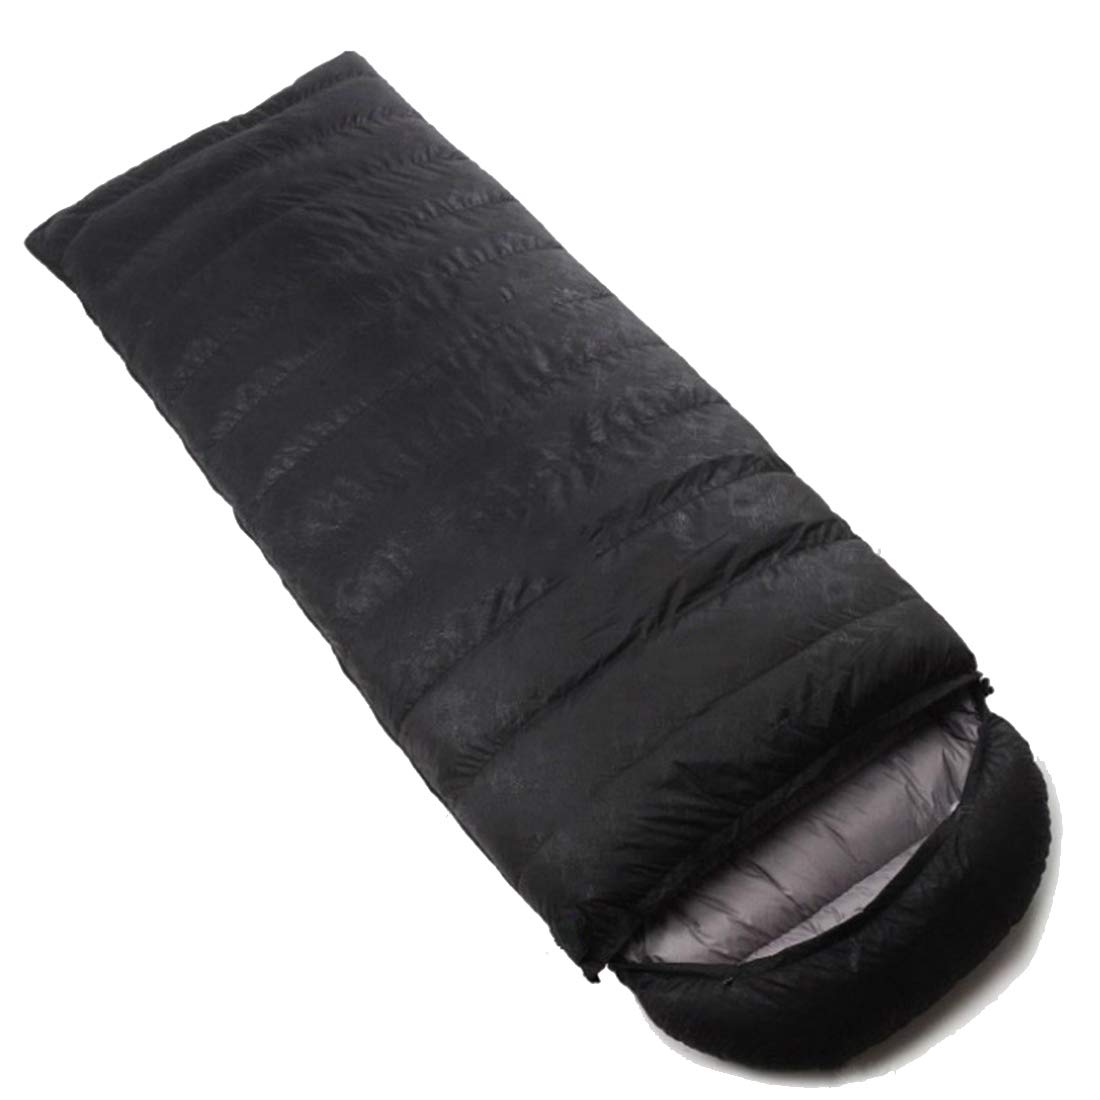 JANFELICIA JANFELICIA JANFELICIA Leichter Schlafsack für Erwachsene, Komfort mit Kompressionsbeutel (Farbe   schwarz, Größe   1000g) B07JCY2JPG Schlafscke Ausgewählte Materialien 40c9d1